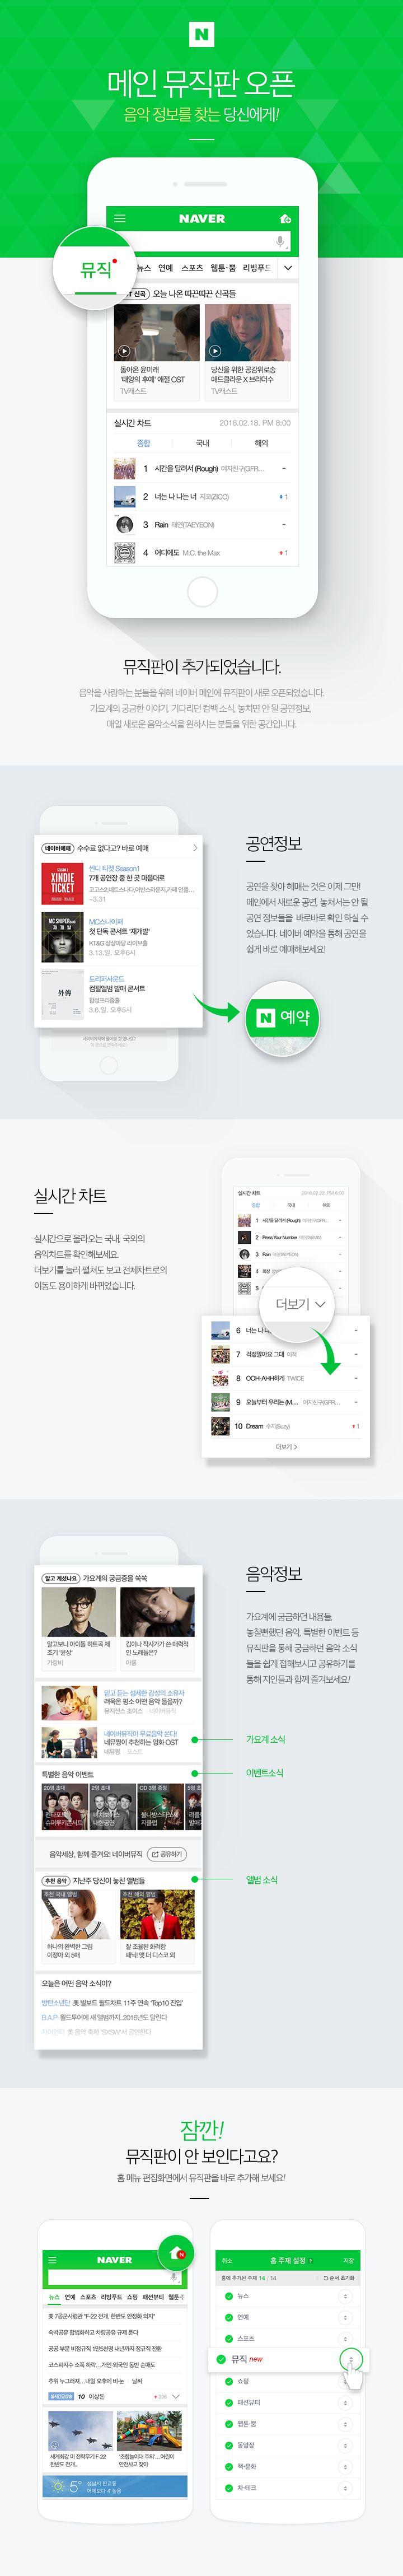 네이버 메인 뮤직판 오픈! : 네이버 블로그